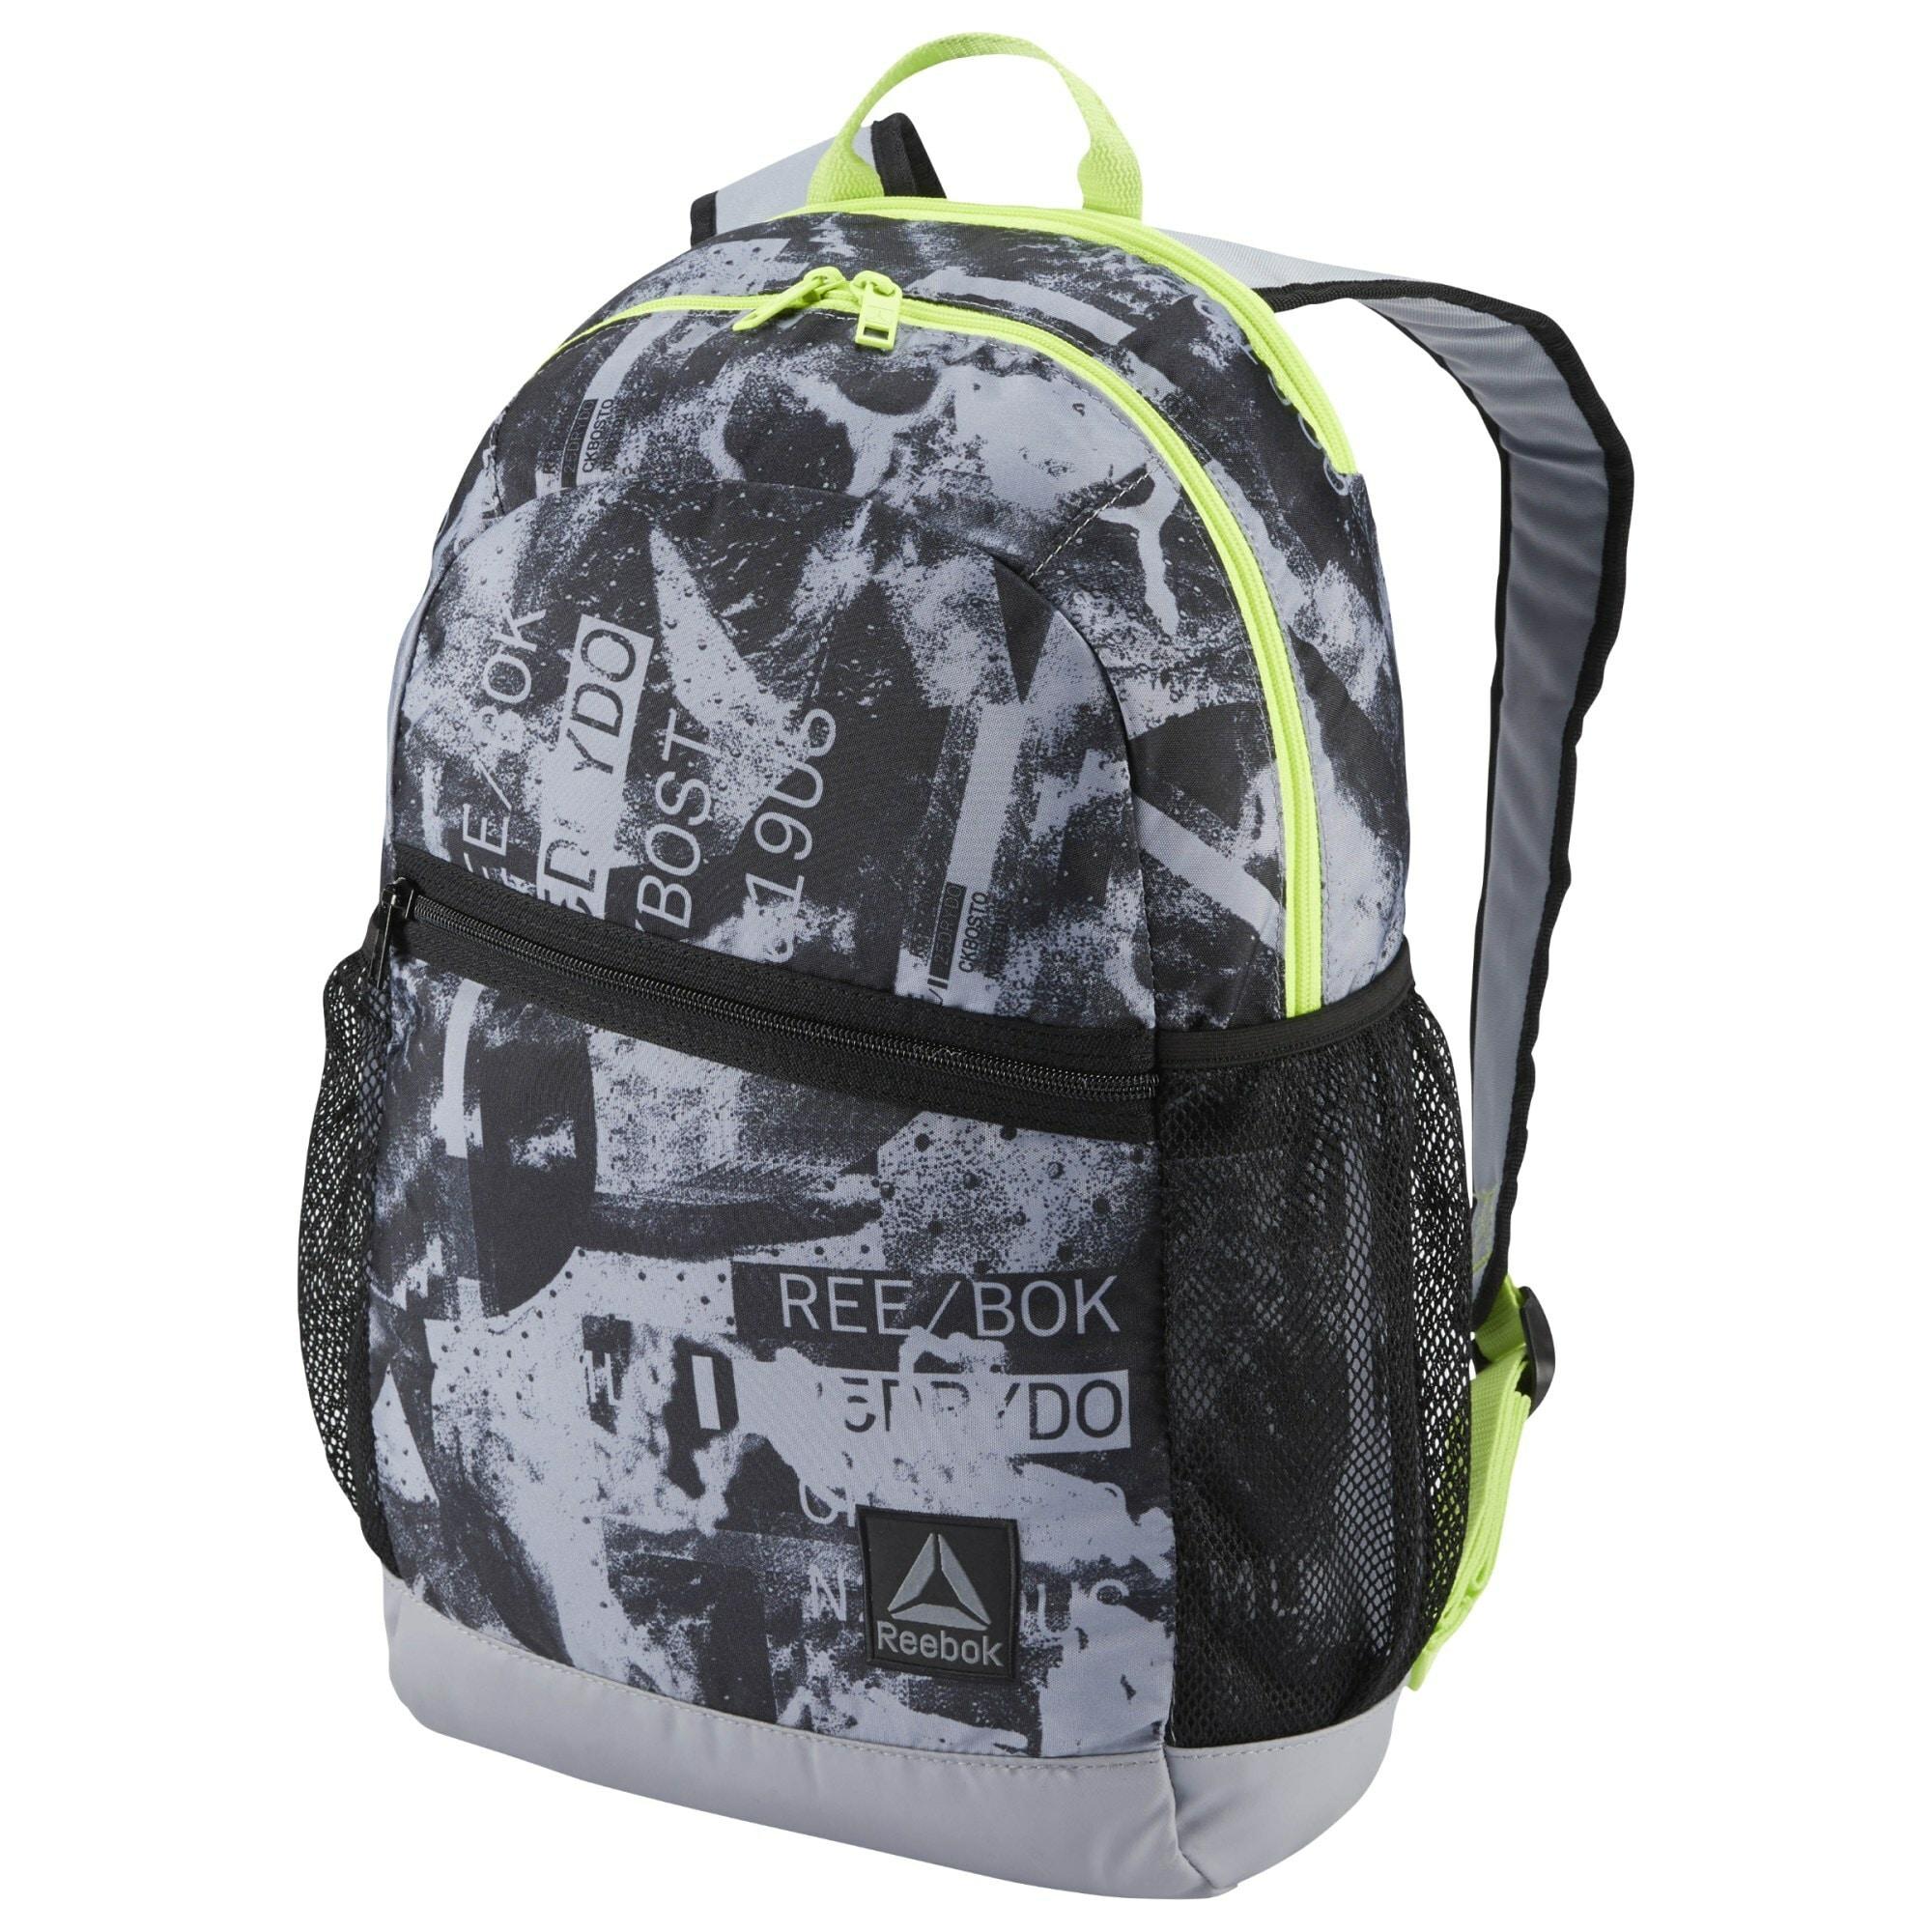 Backpack   Taschen > Rucksäcke > Tourenrucksäcke   Reebok